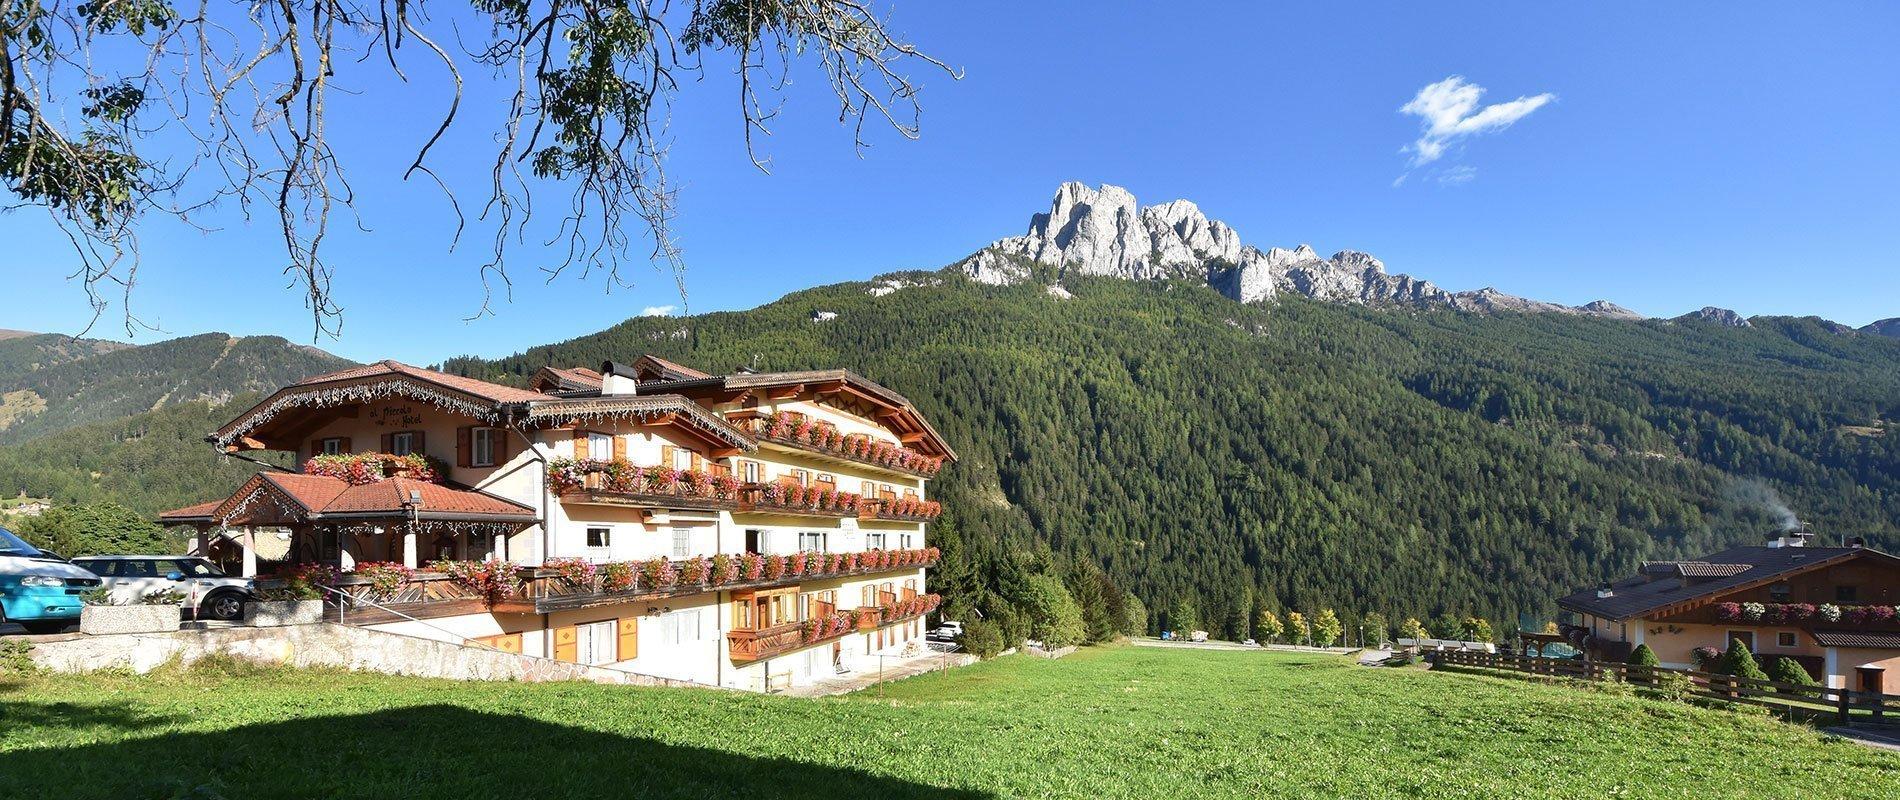 Piccolo Hotel Val di Fassa